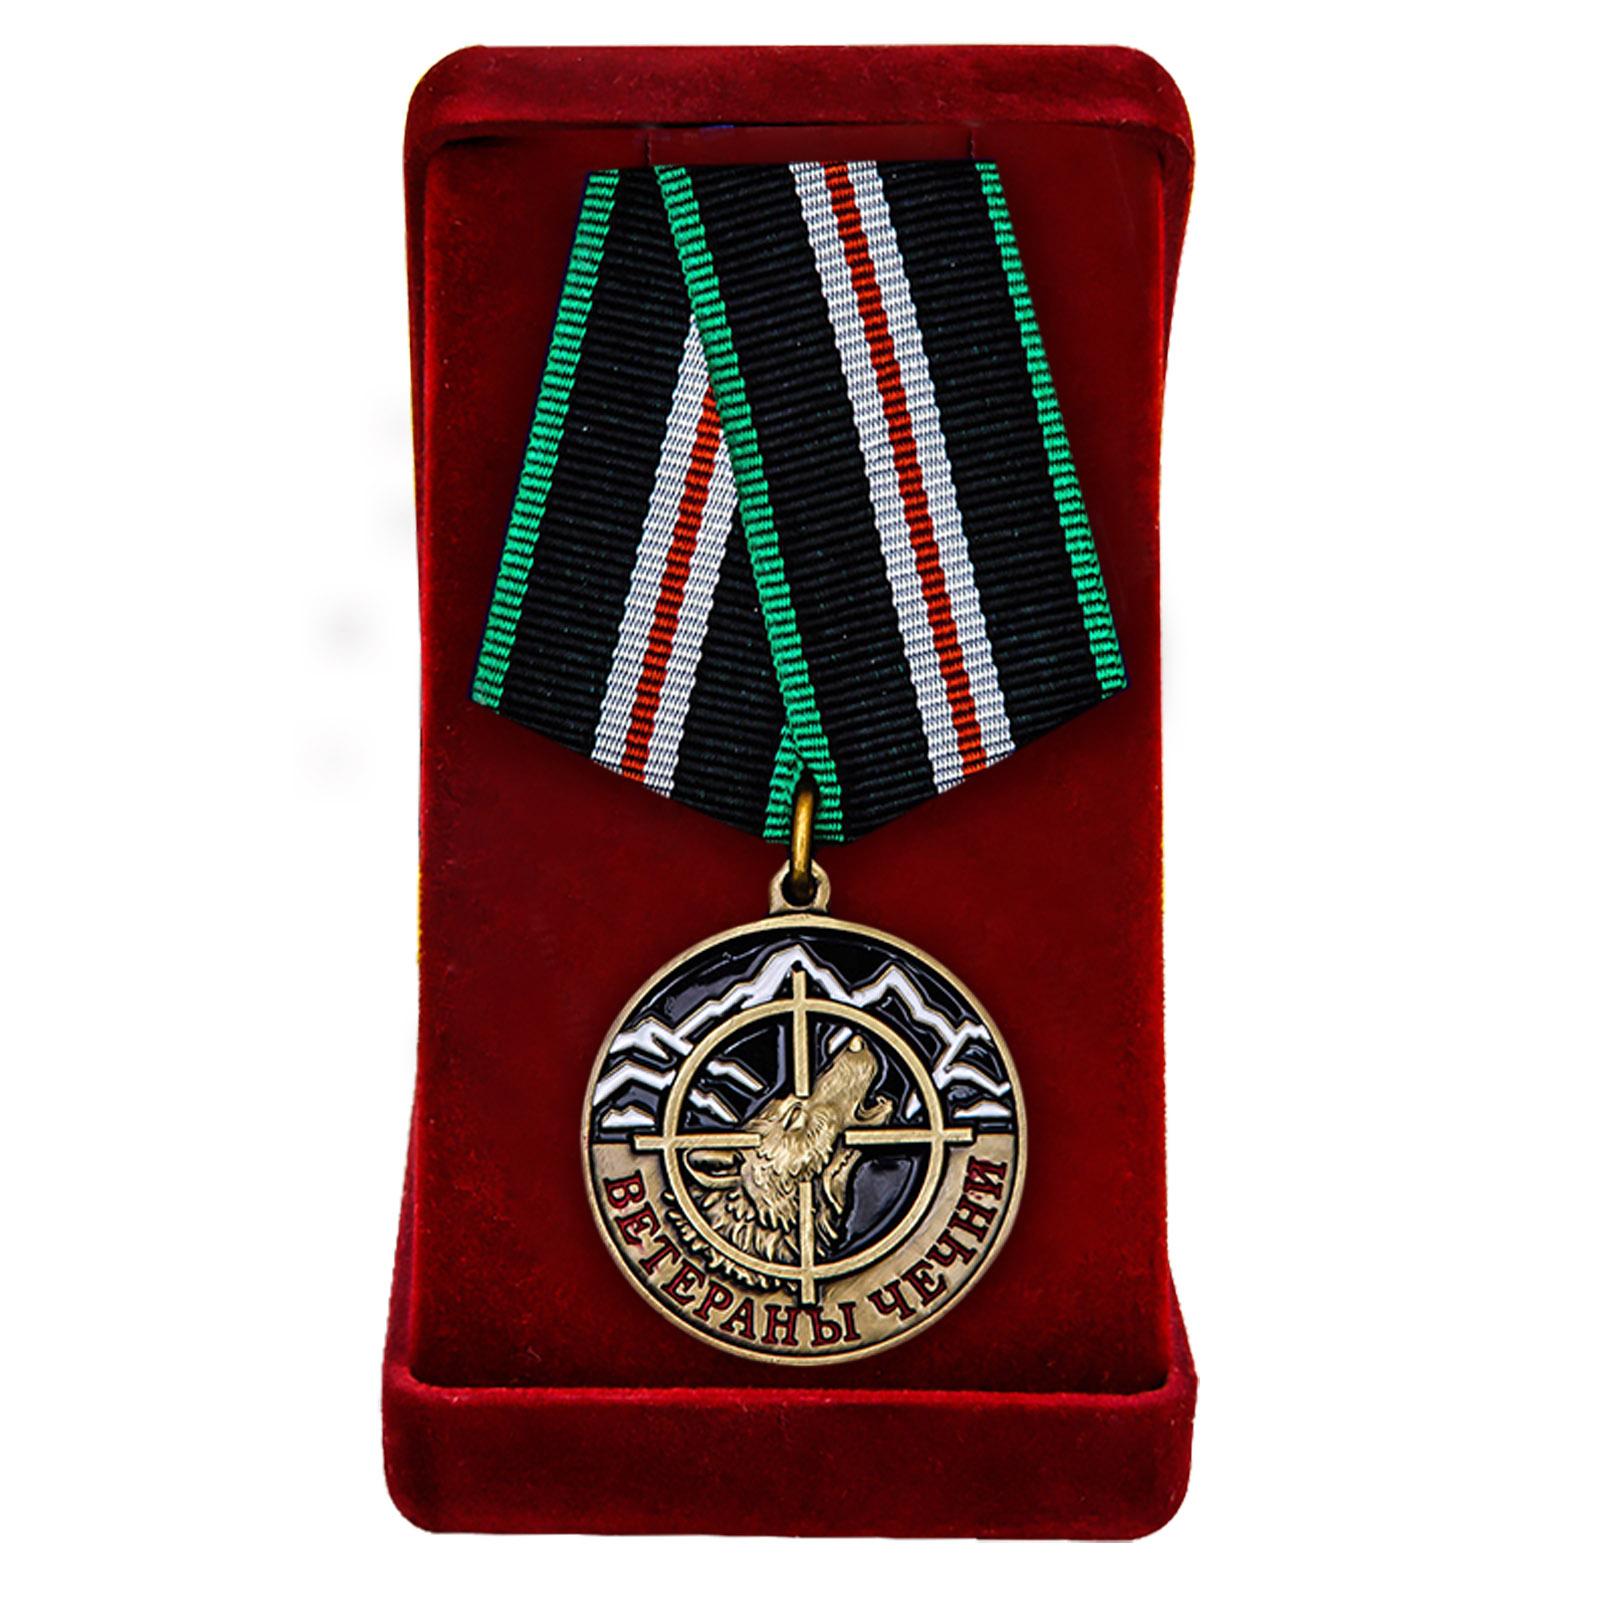 Купить памятную медаль Ветераны Чечни с доставкой в ваш город